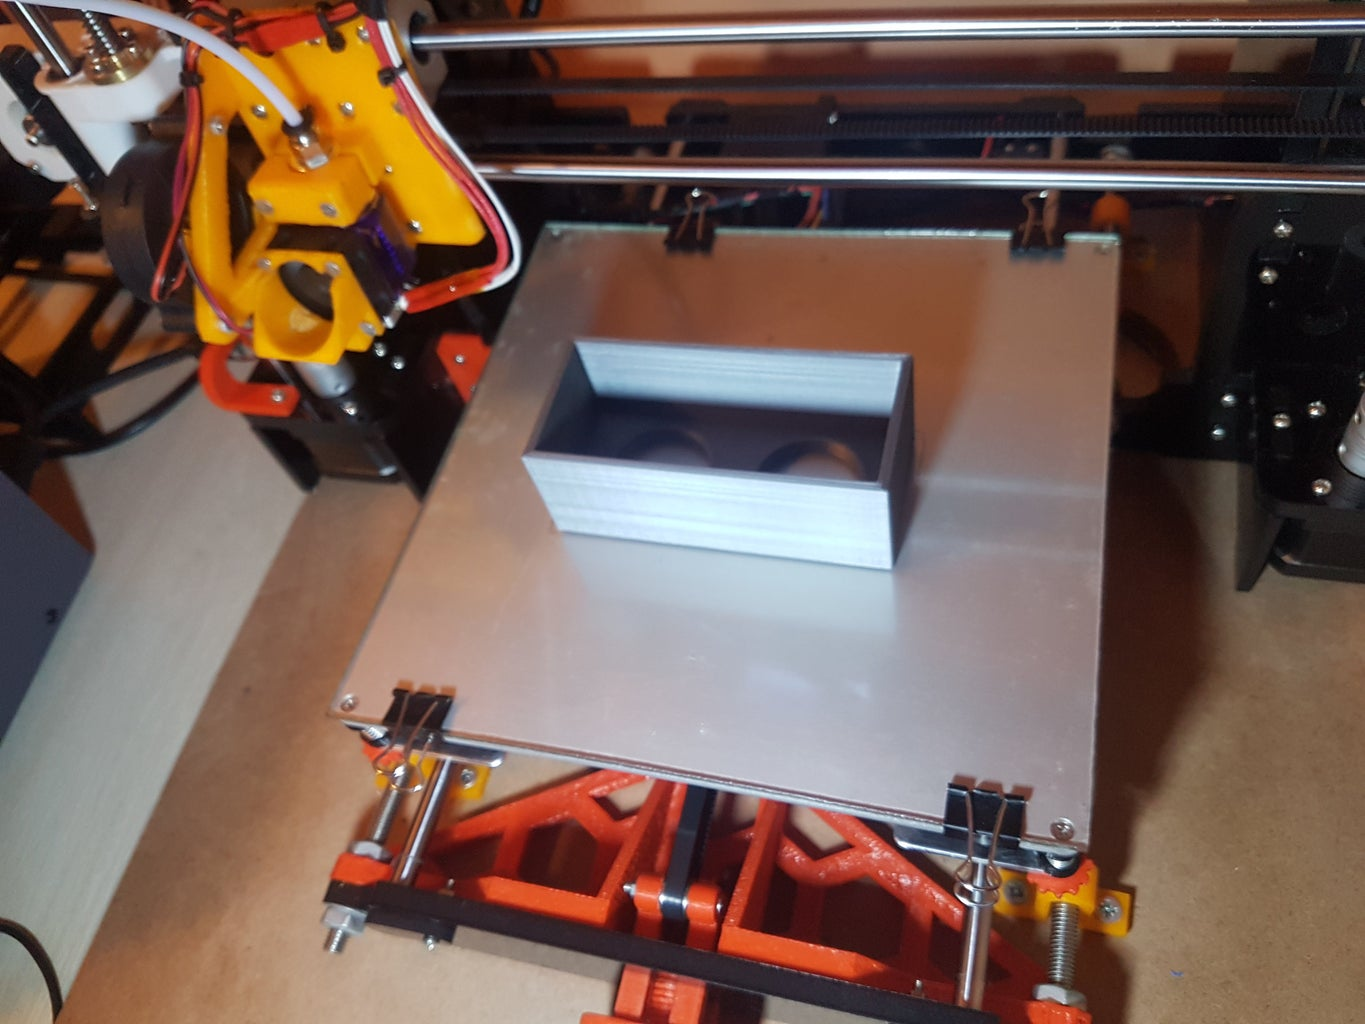 3D Printing the Box